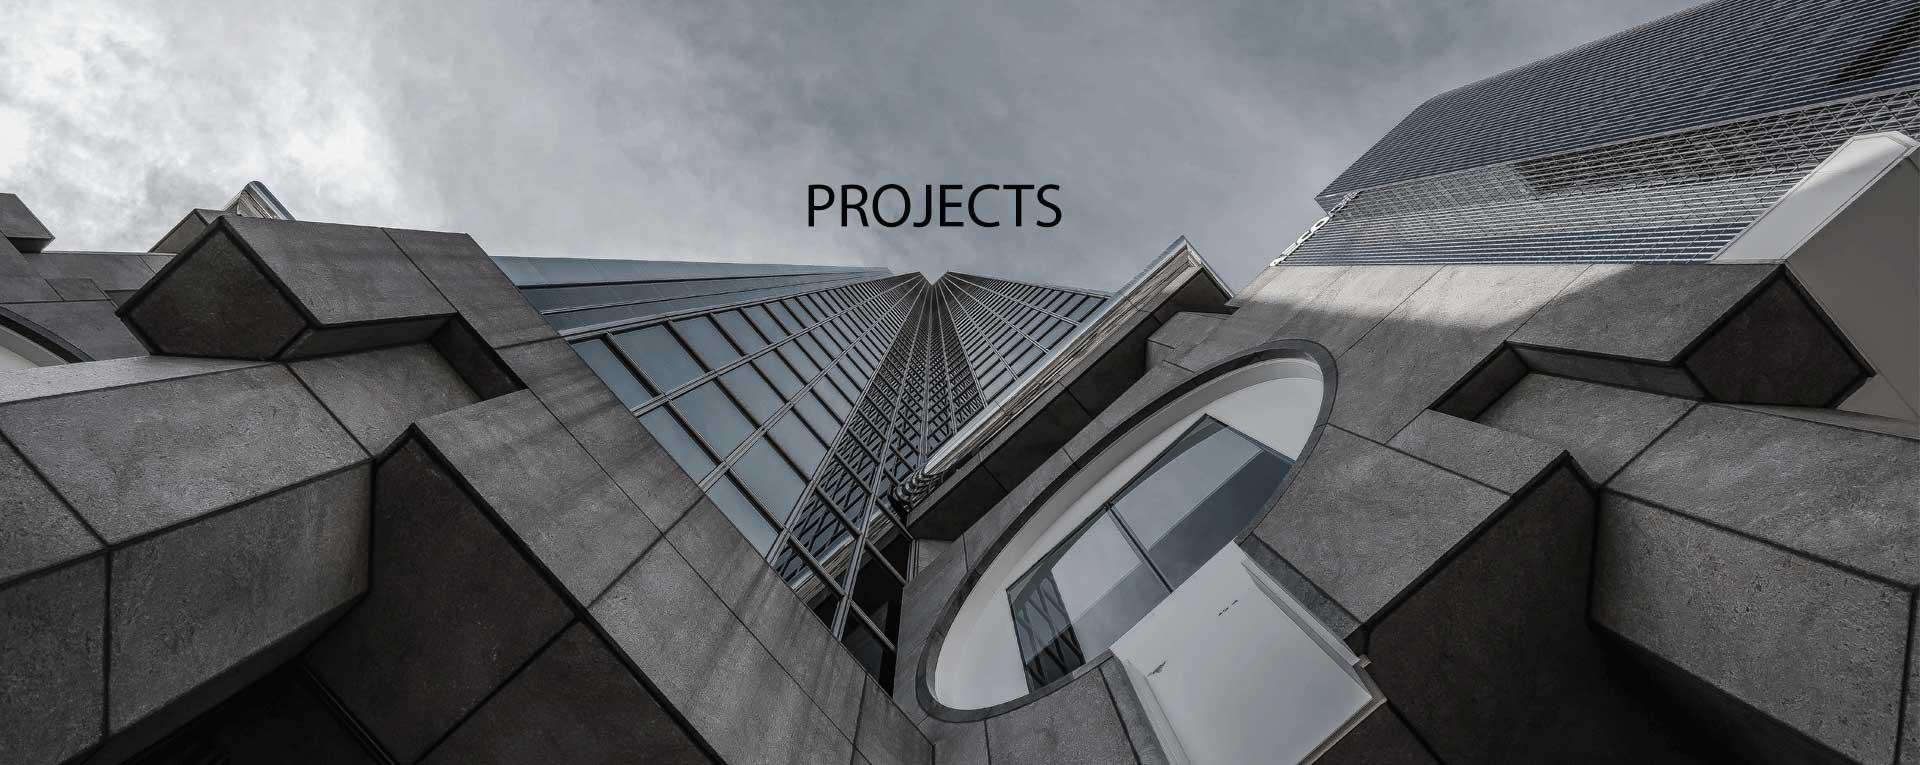 پروژه ها